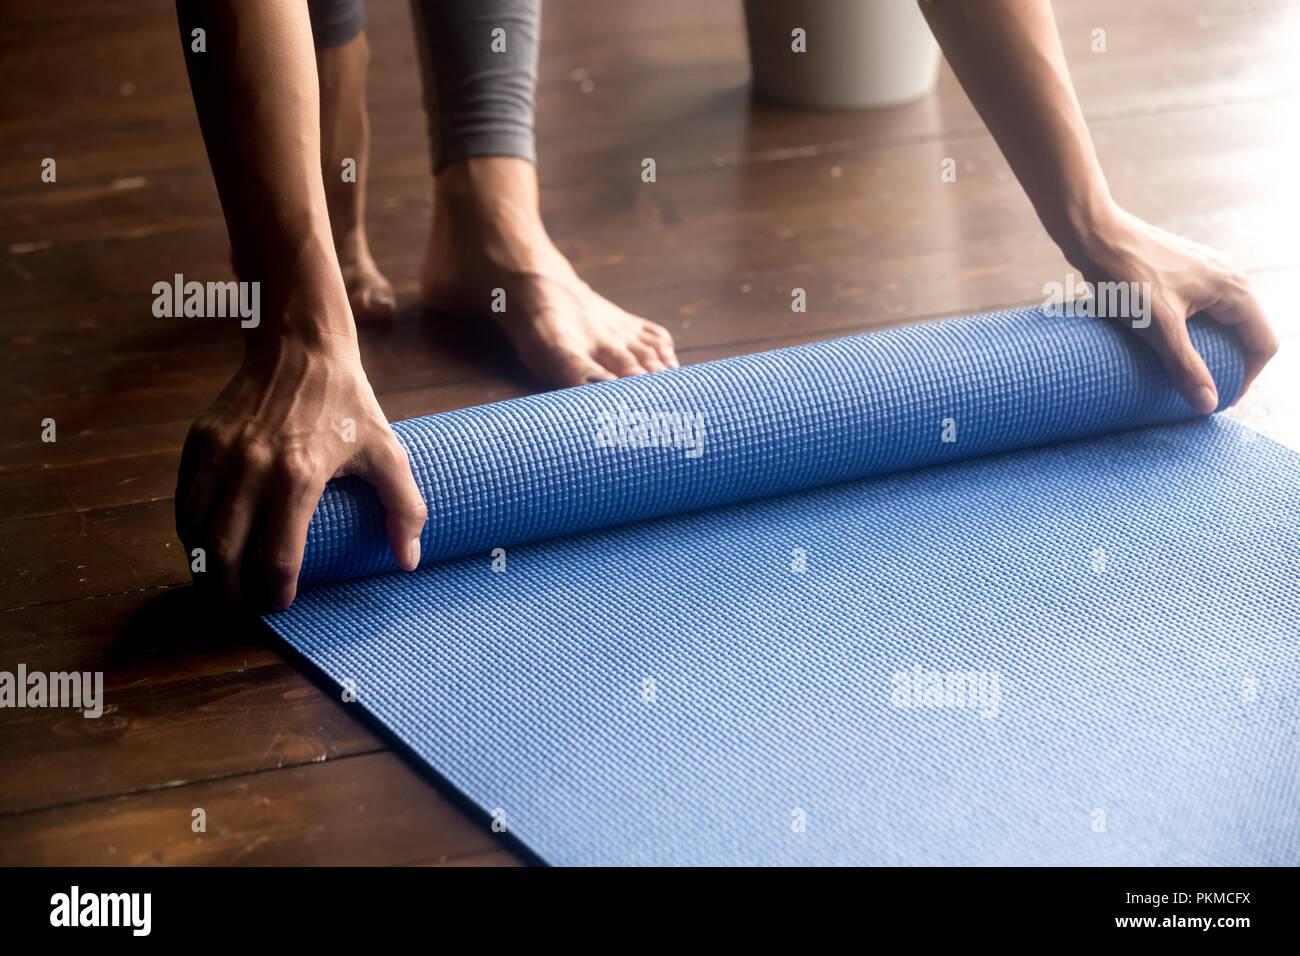 Temps pour la pratique, les mains en déroulant le tapis yoga bleu Photo Stock